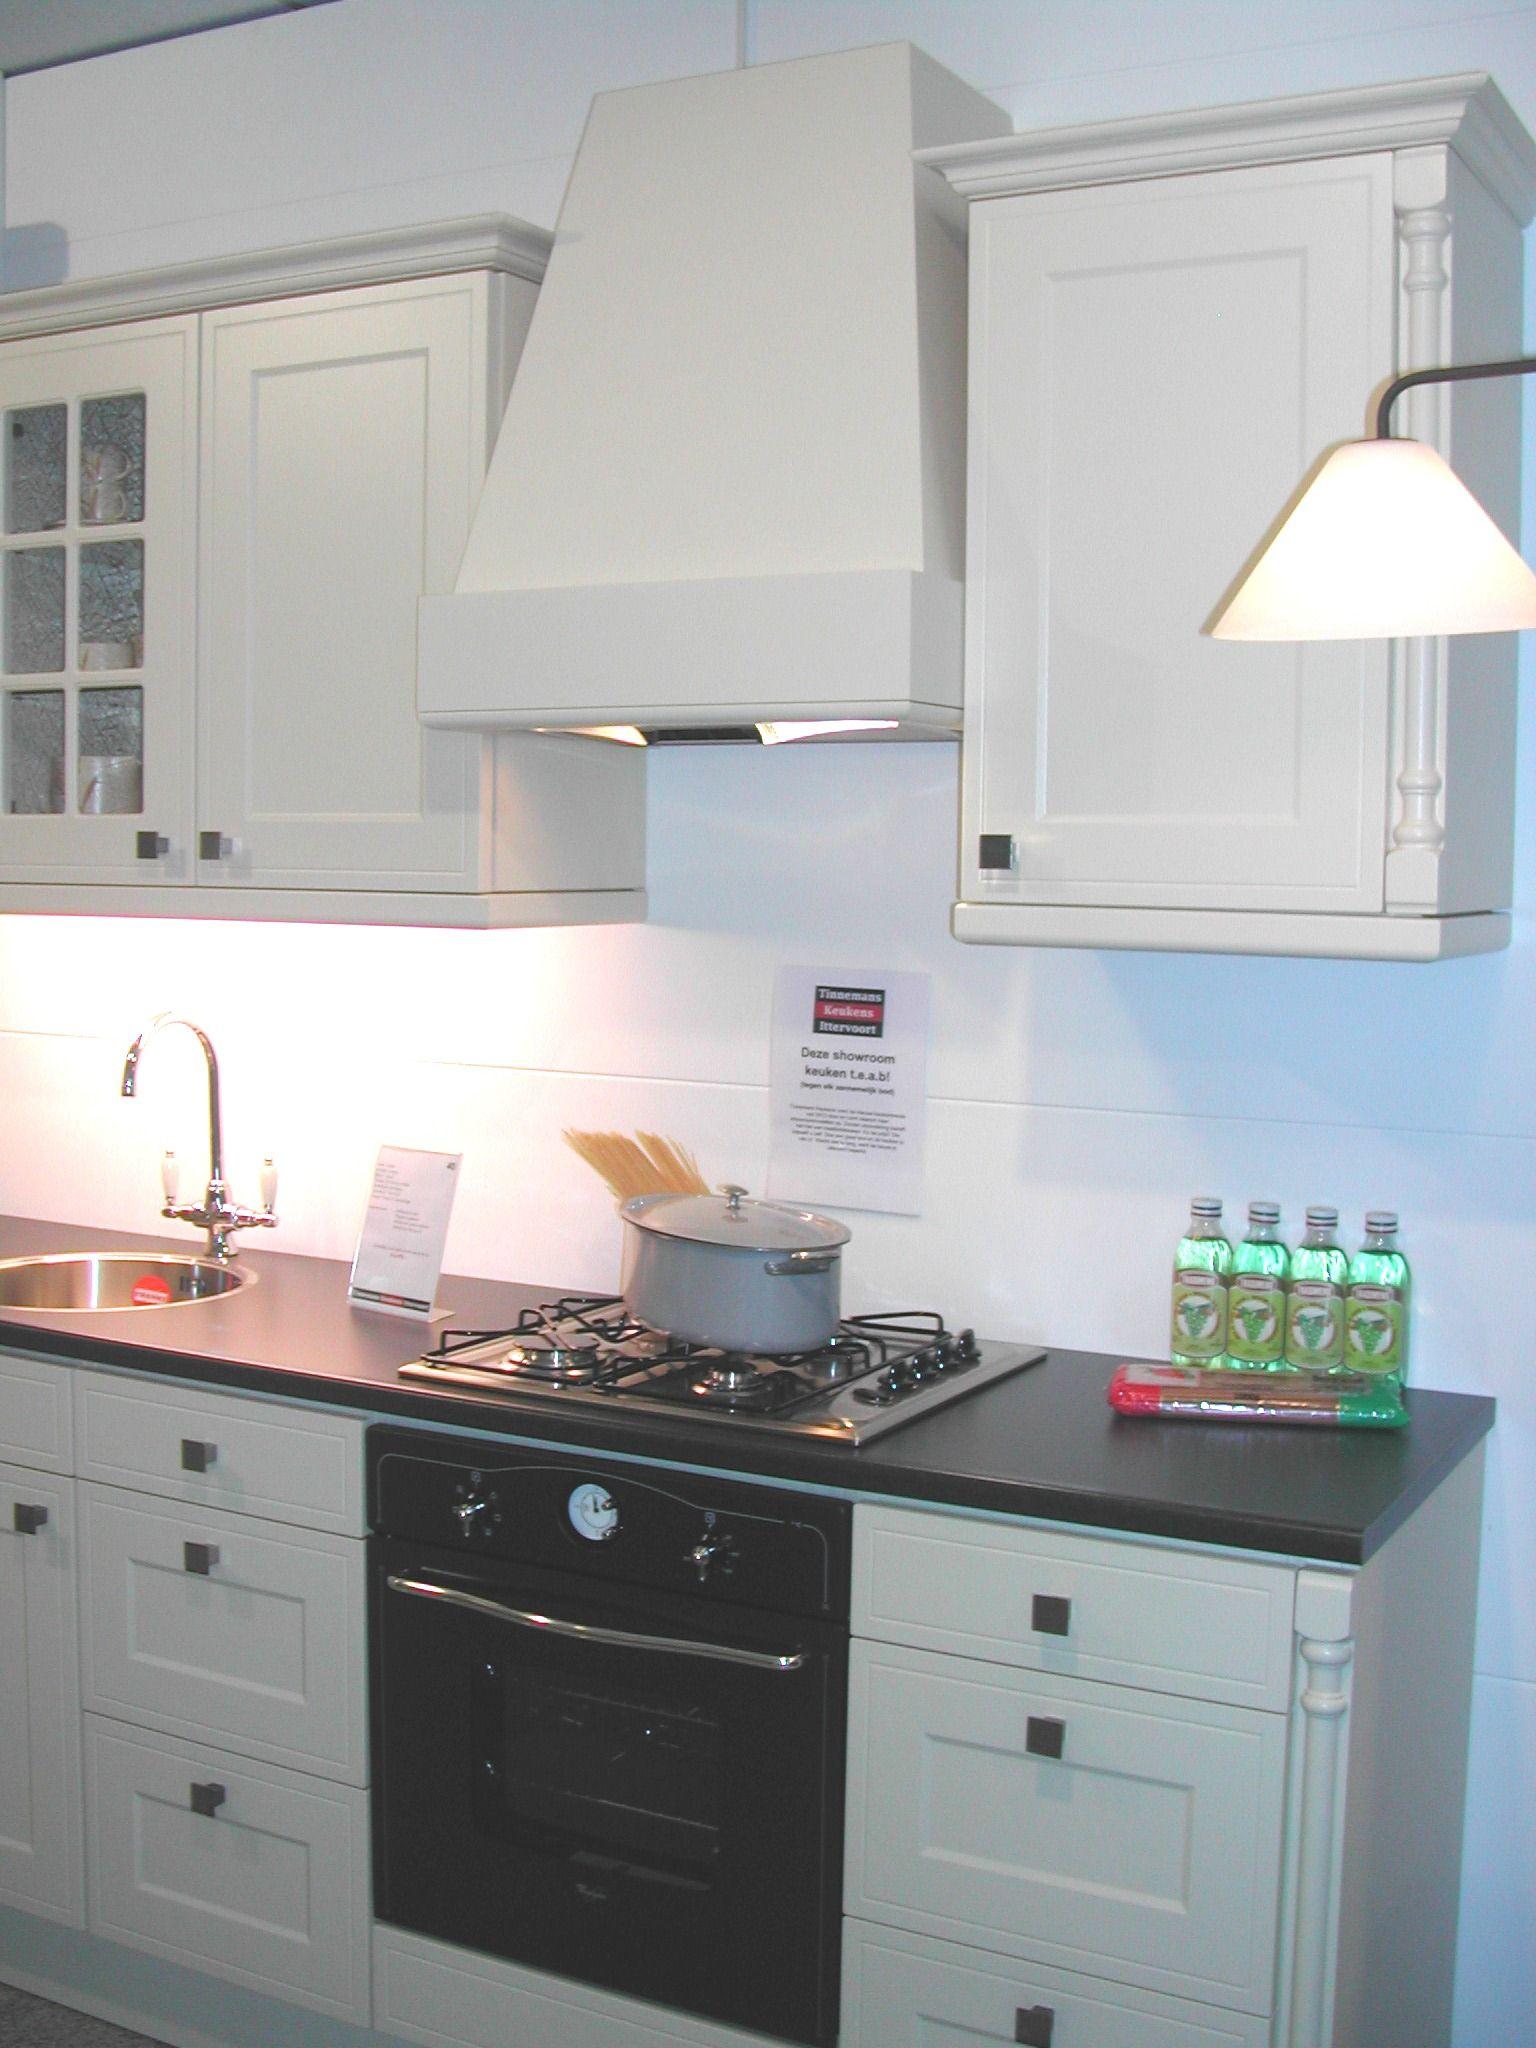 De voordeligste woonwinkel van nederland keller cashel ivoor 42812 - Whirlpool keller ...